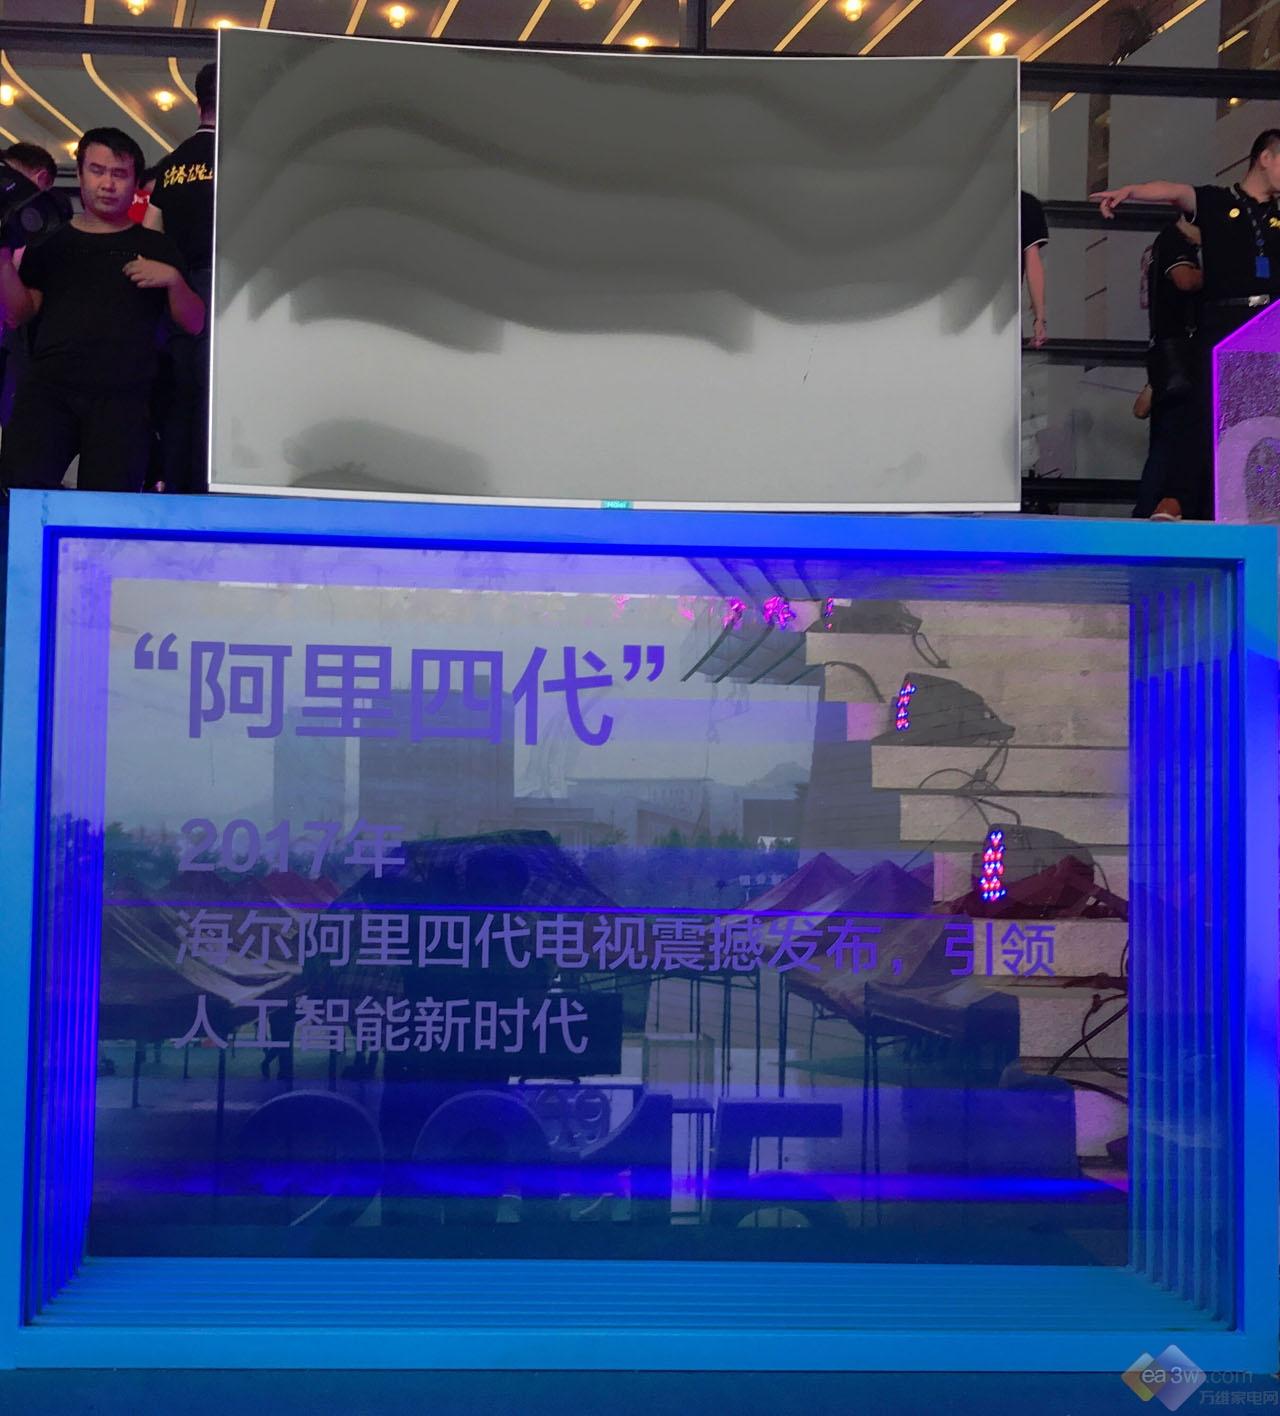 海尔电视20周年盛典青岛召开,人工智能铺设再提速!